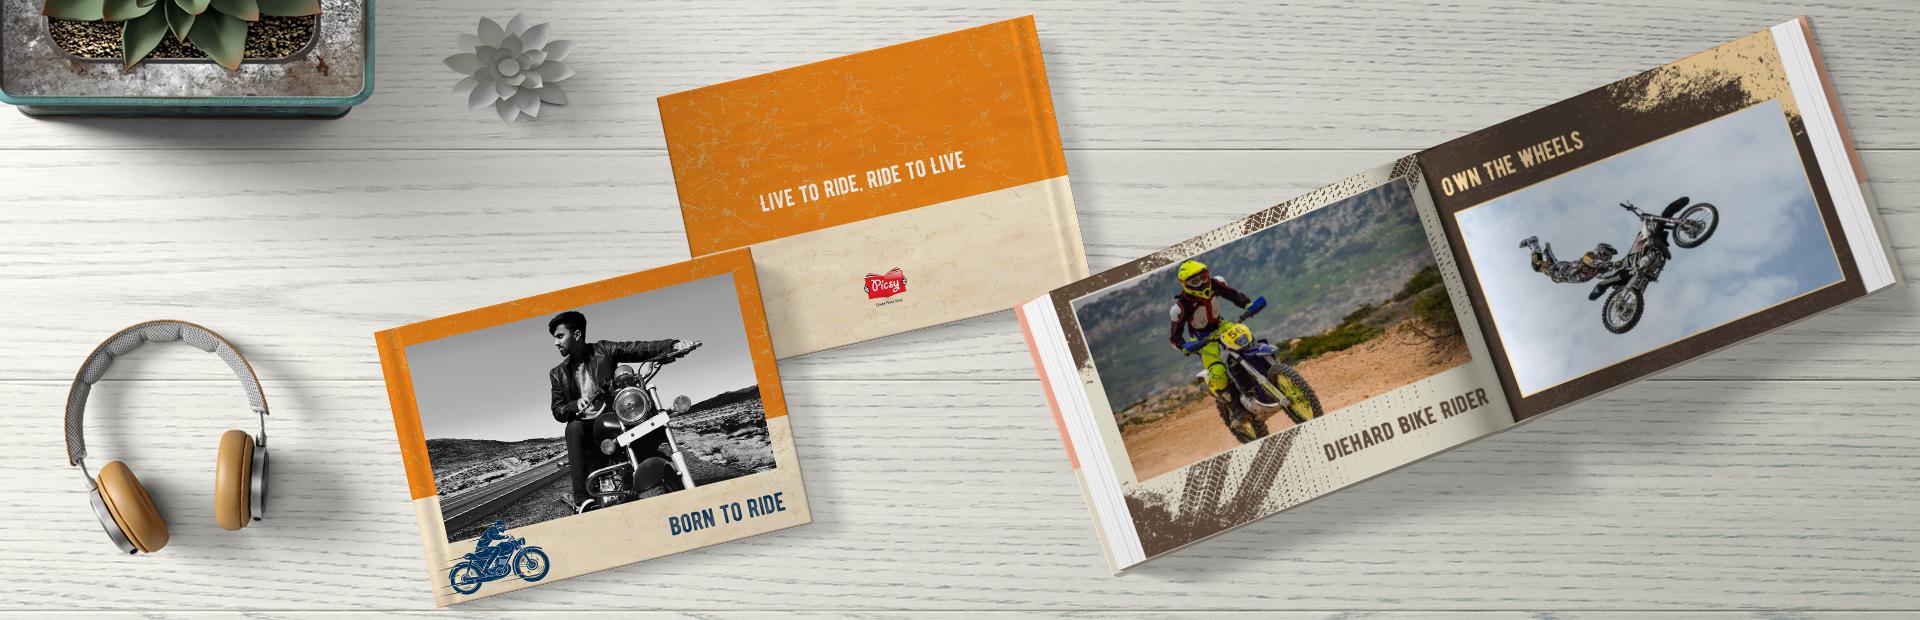 Forever Rider Photo Books Online